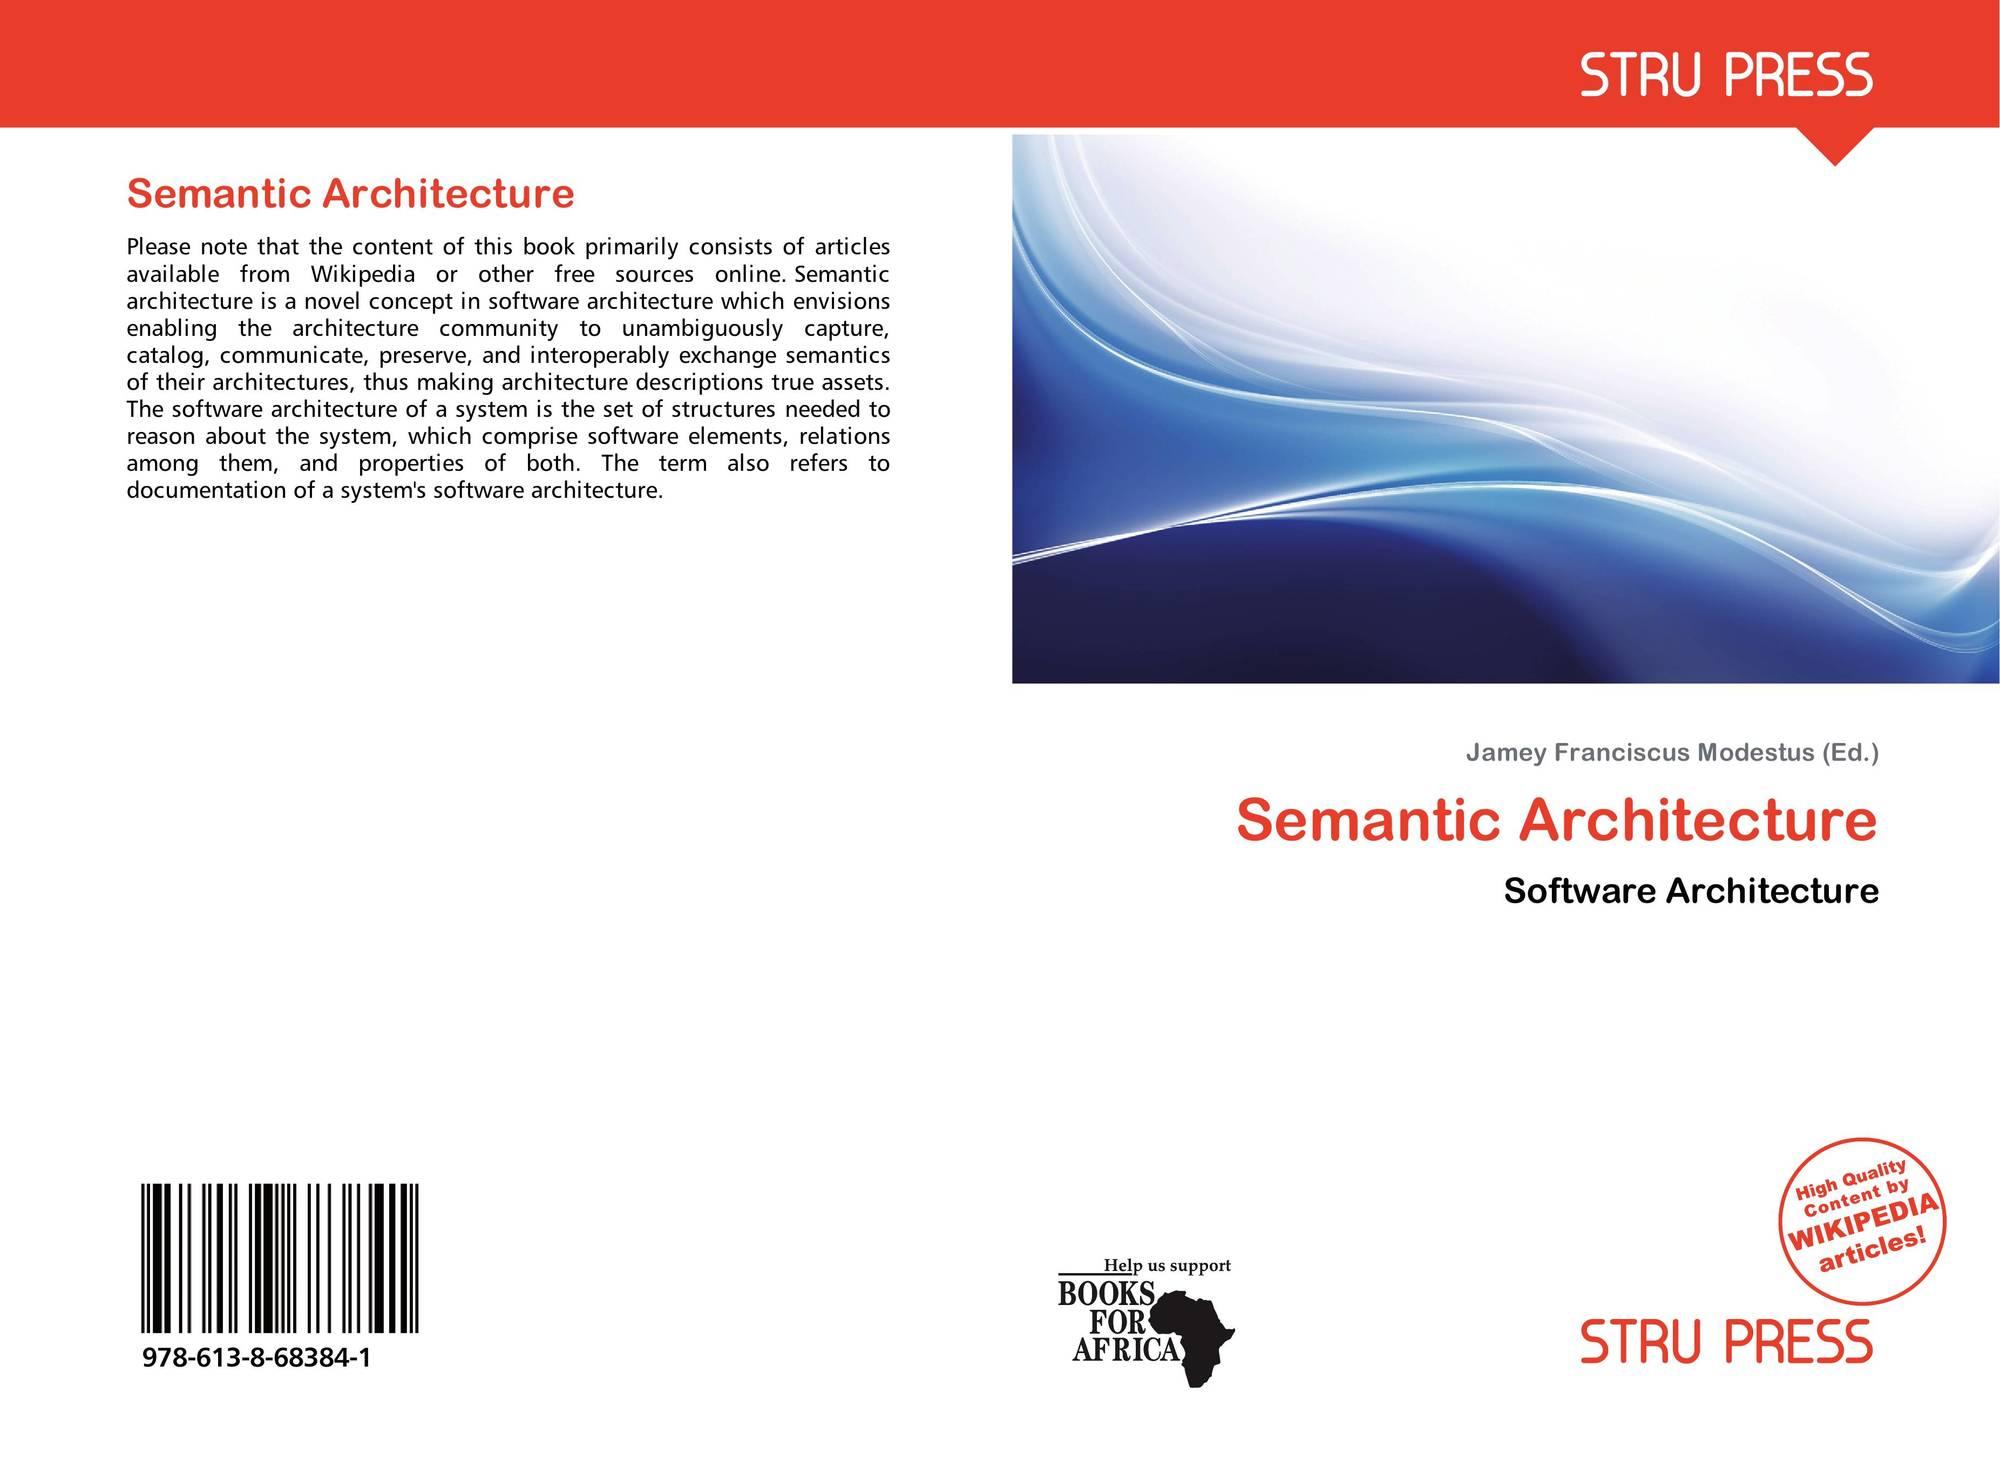 Semantic Architecture, 978-613-8-68384-1, 6138683846